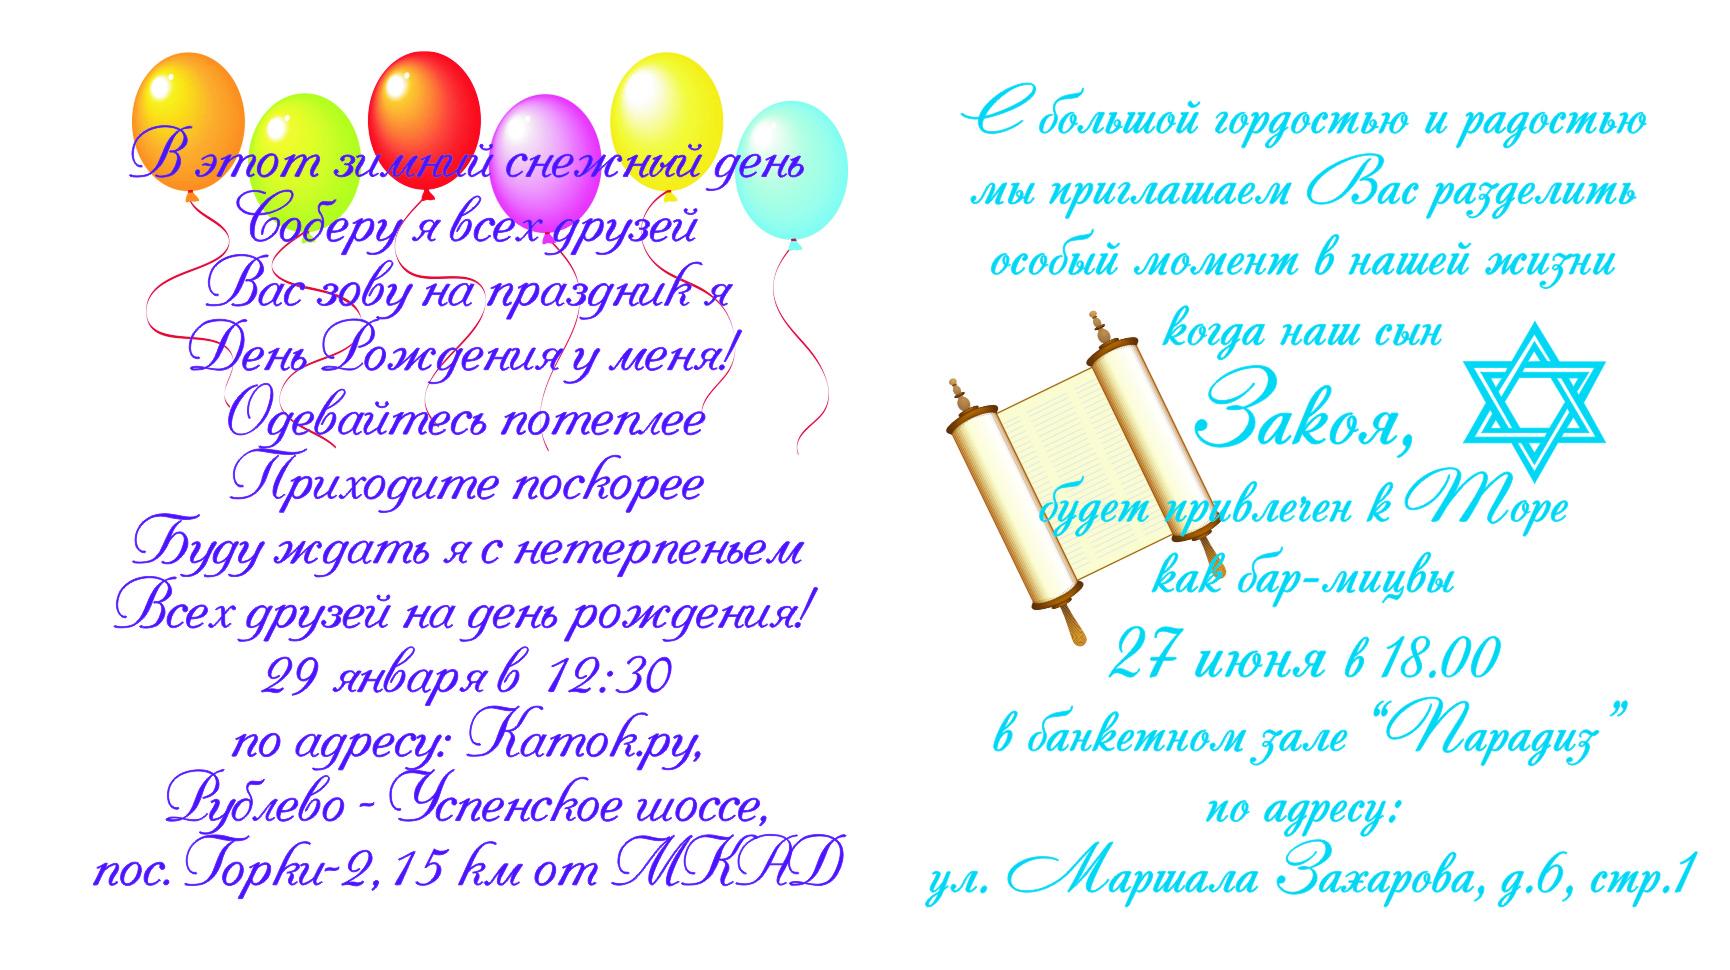 Поздравления днем рождения виде текста